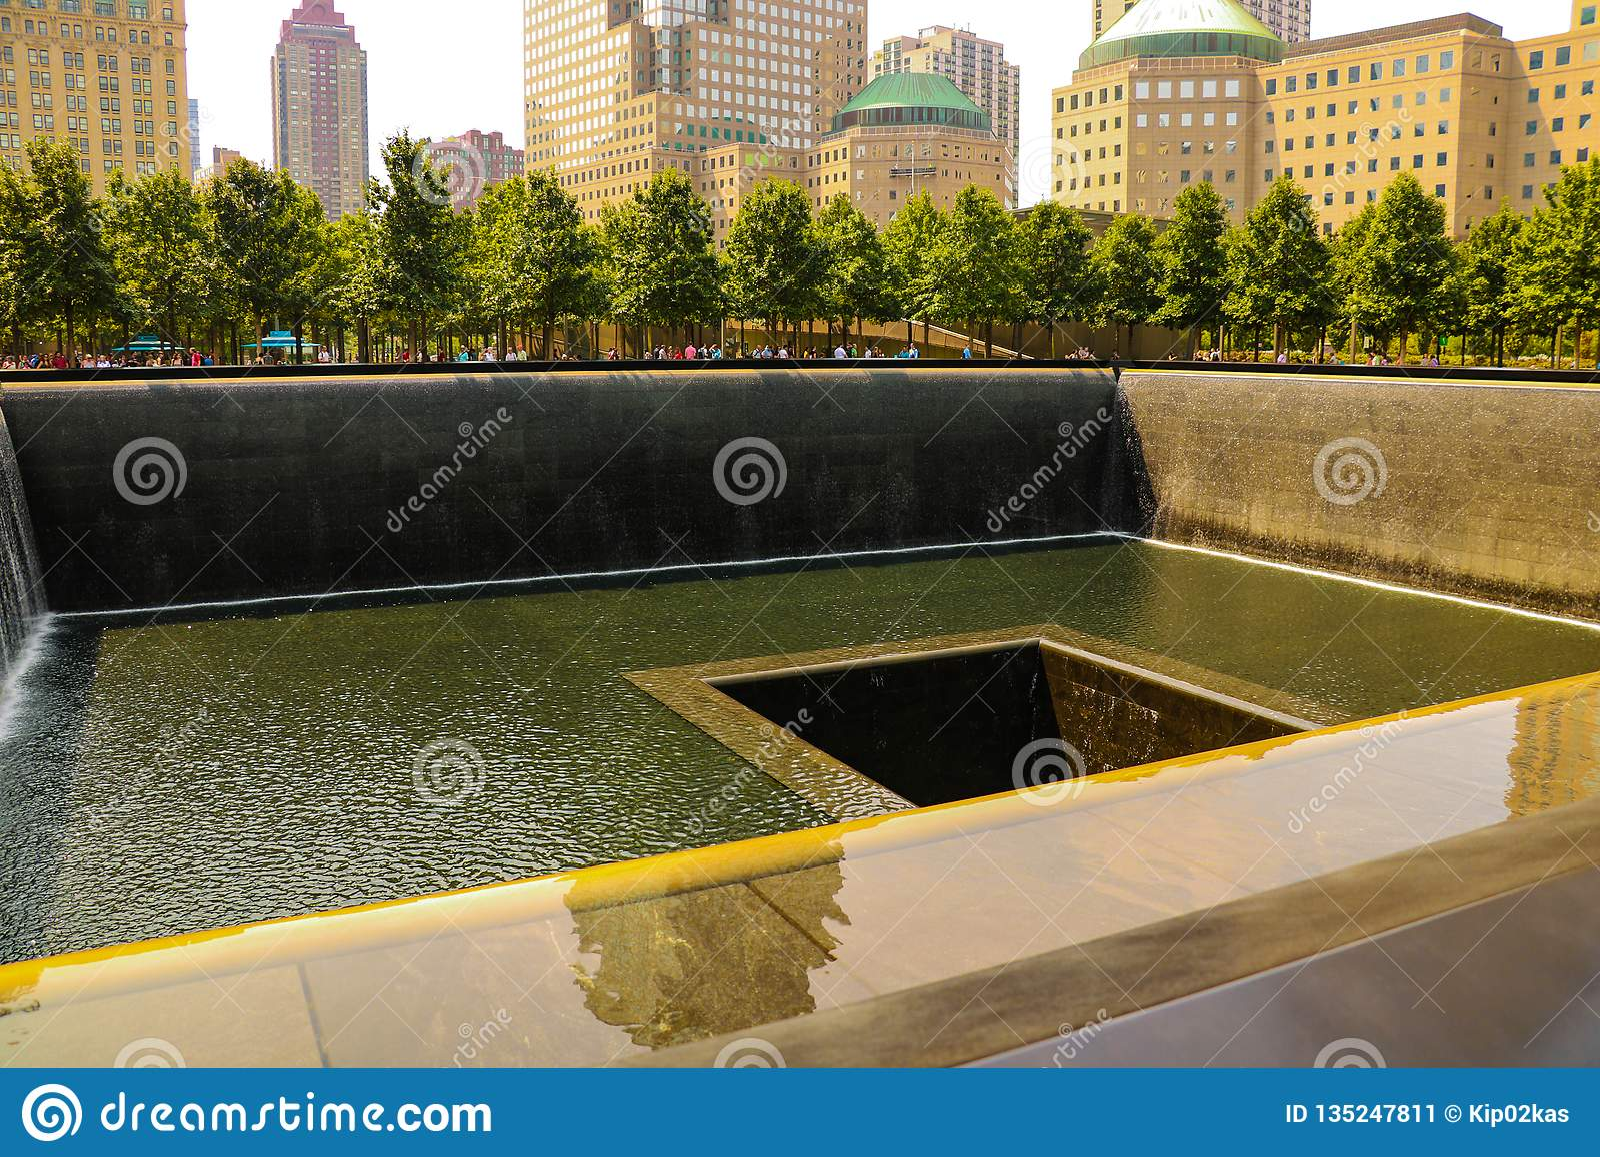 Nueva York, los E.E.U.U. - 2 de septiembre de 2018: Complejo conmemorativo a las víctimas del 11 de septiembre de 2001 sobre el t